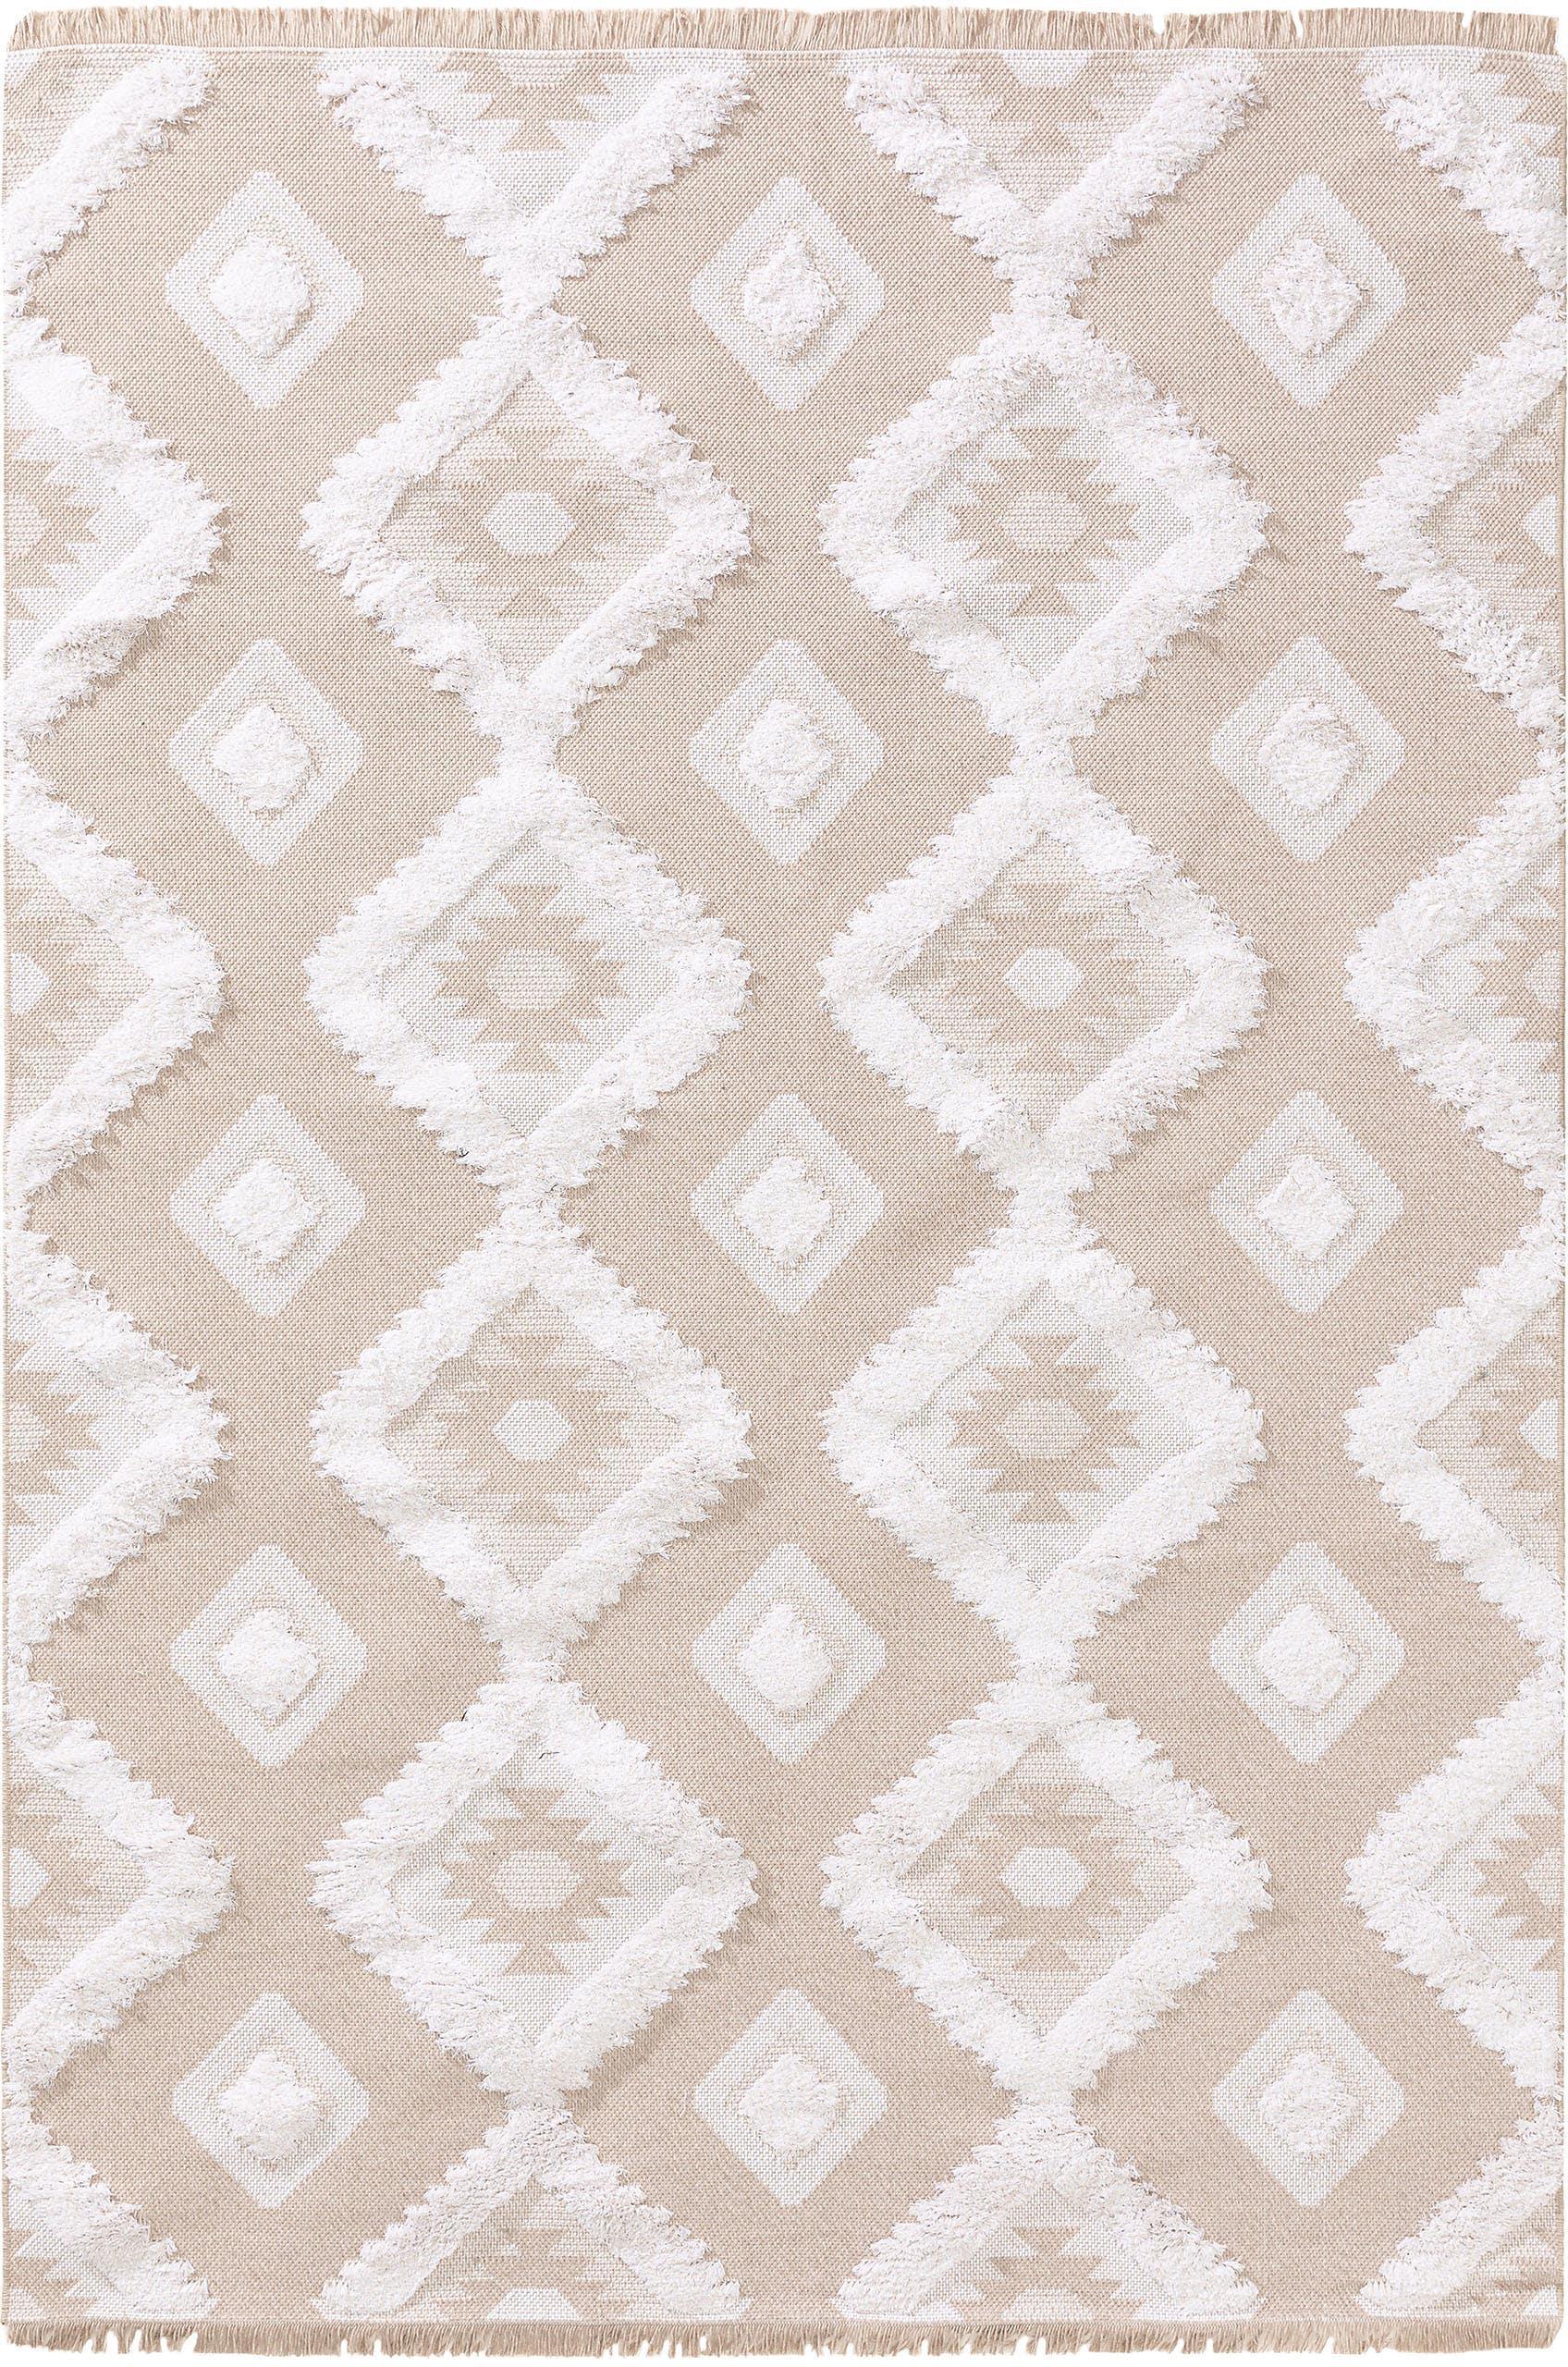 Waschbarer Baumwollteppich Oslo Squares mit Hoch-Tief-Strukturmuster, 100% Baumwolle, Cremeweiß, Beige, B 190 x L 280 cm (Größe M)